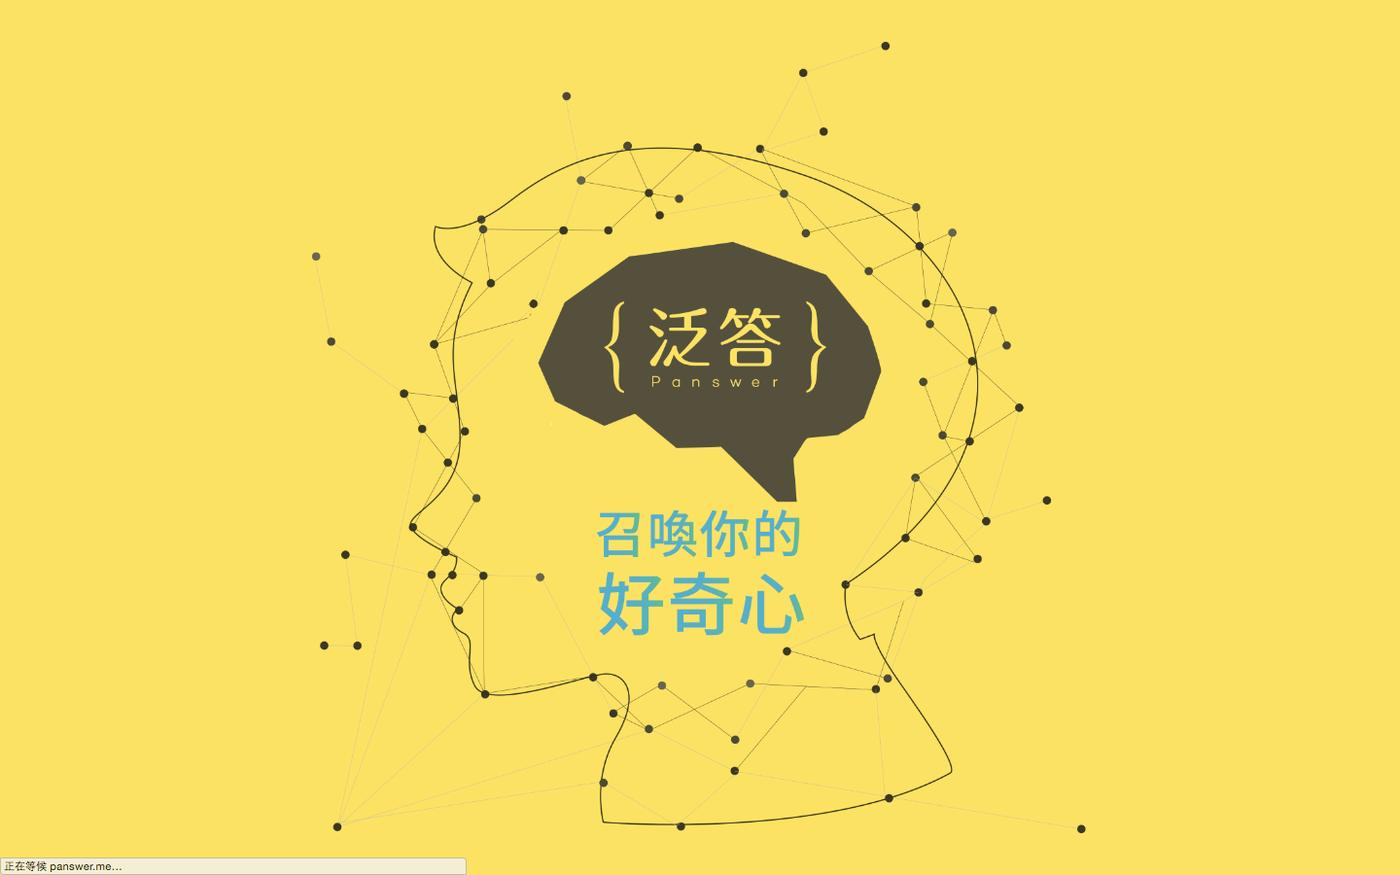 台灣第一個「打賞」問答平台,《泛科知識》目標首年會員衝百萬